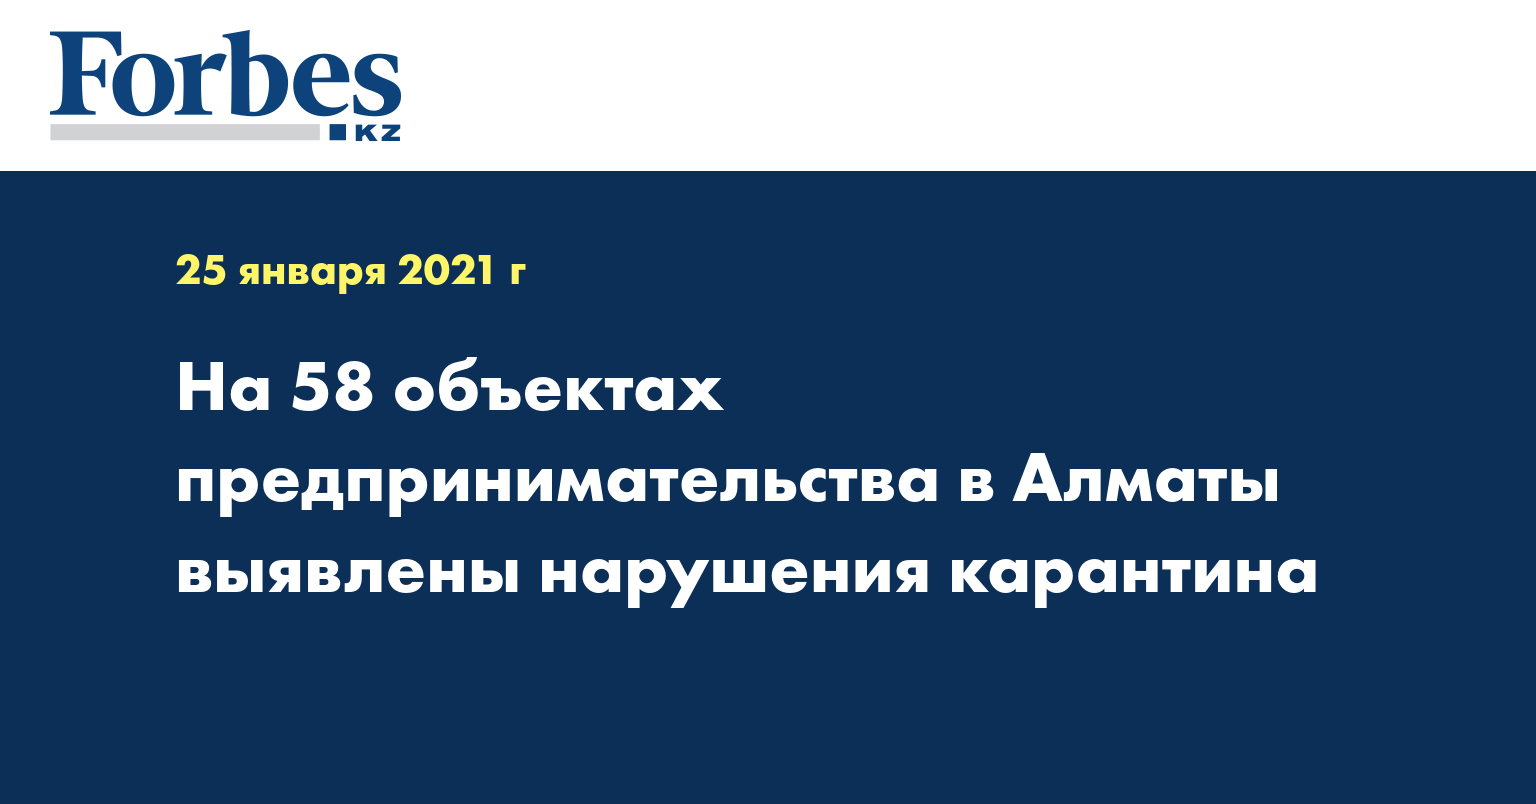 На 58 объектах предпринимательства в Алматы выявлены нарушения карантина